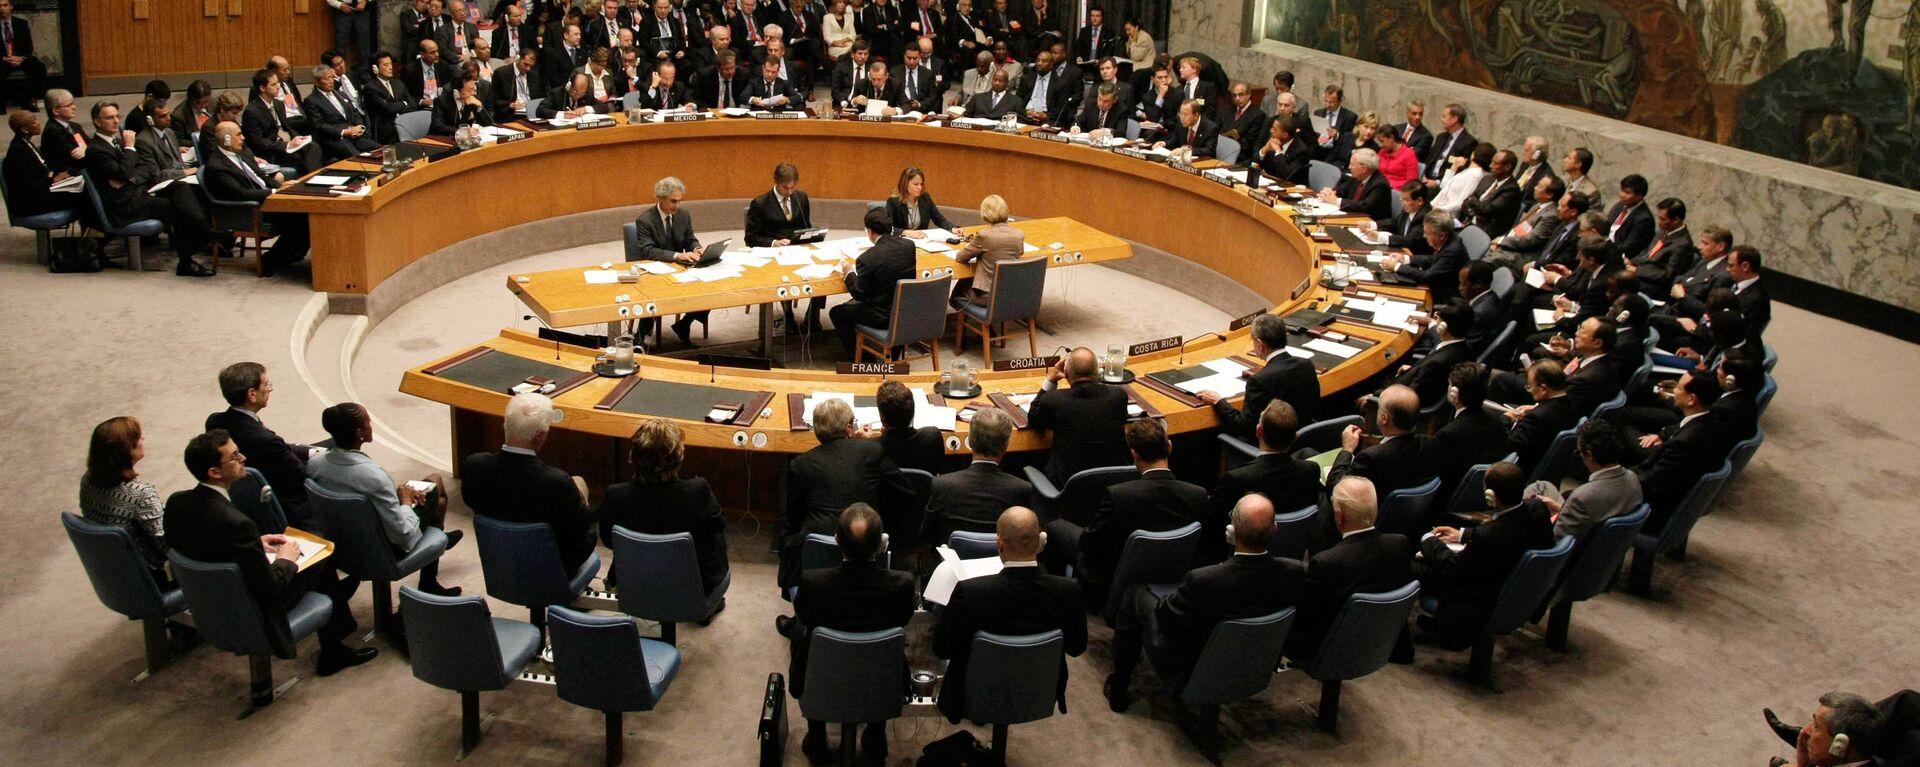 Совет Безопасности ООН - Sputnik Грузия, 1920, 31.08.2021